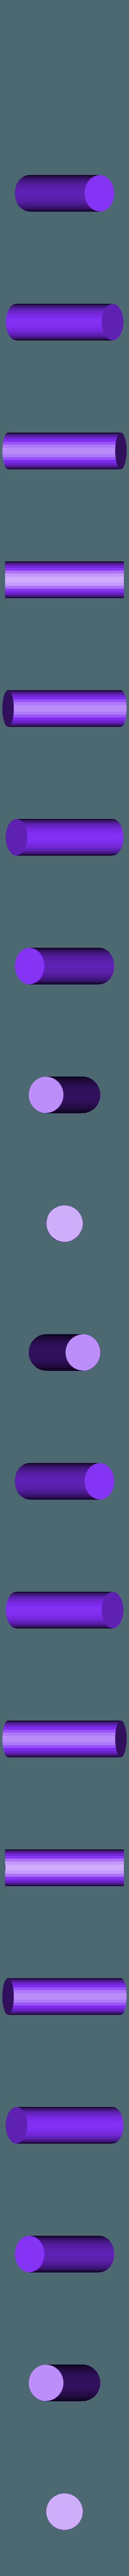 side_LT_rod_HALF_pin_x2.stl Télécharger fichier STL gratuit Ghostbuster Ghostbuster Ghosttrap • Modèle pour impression 3D, SLIDES